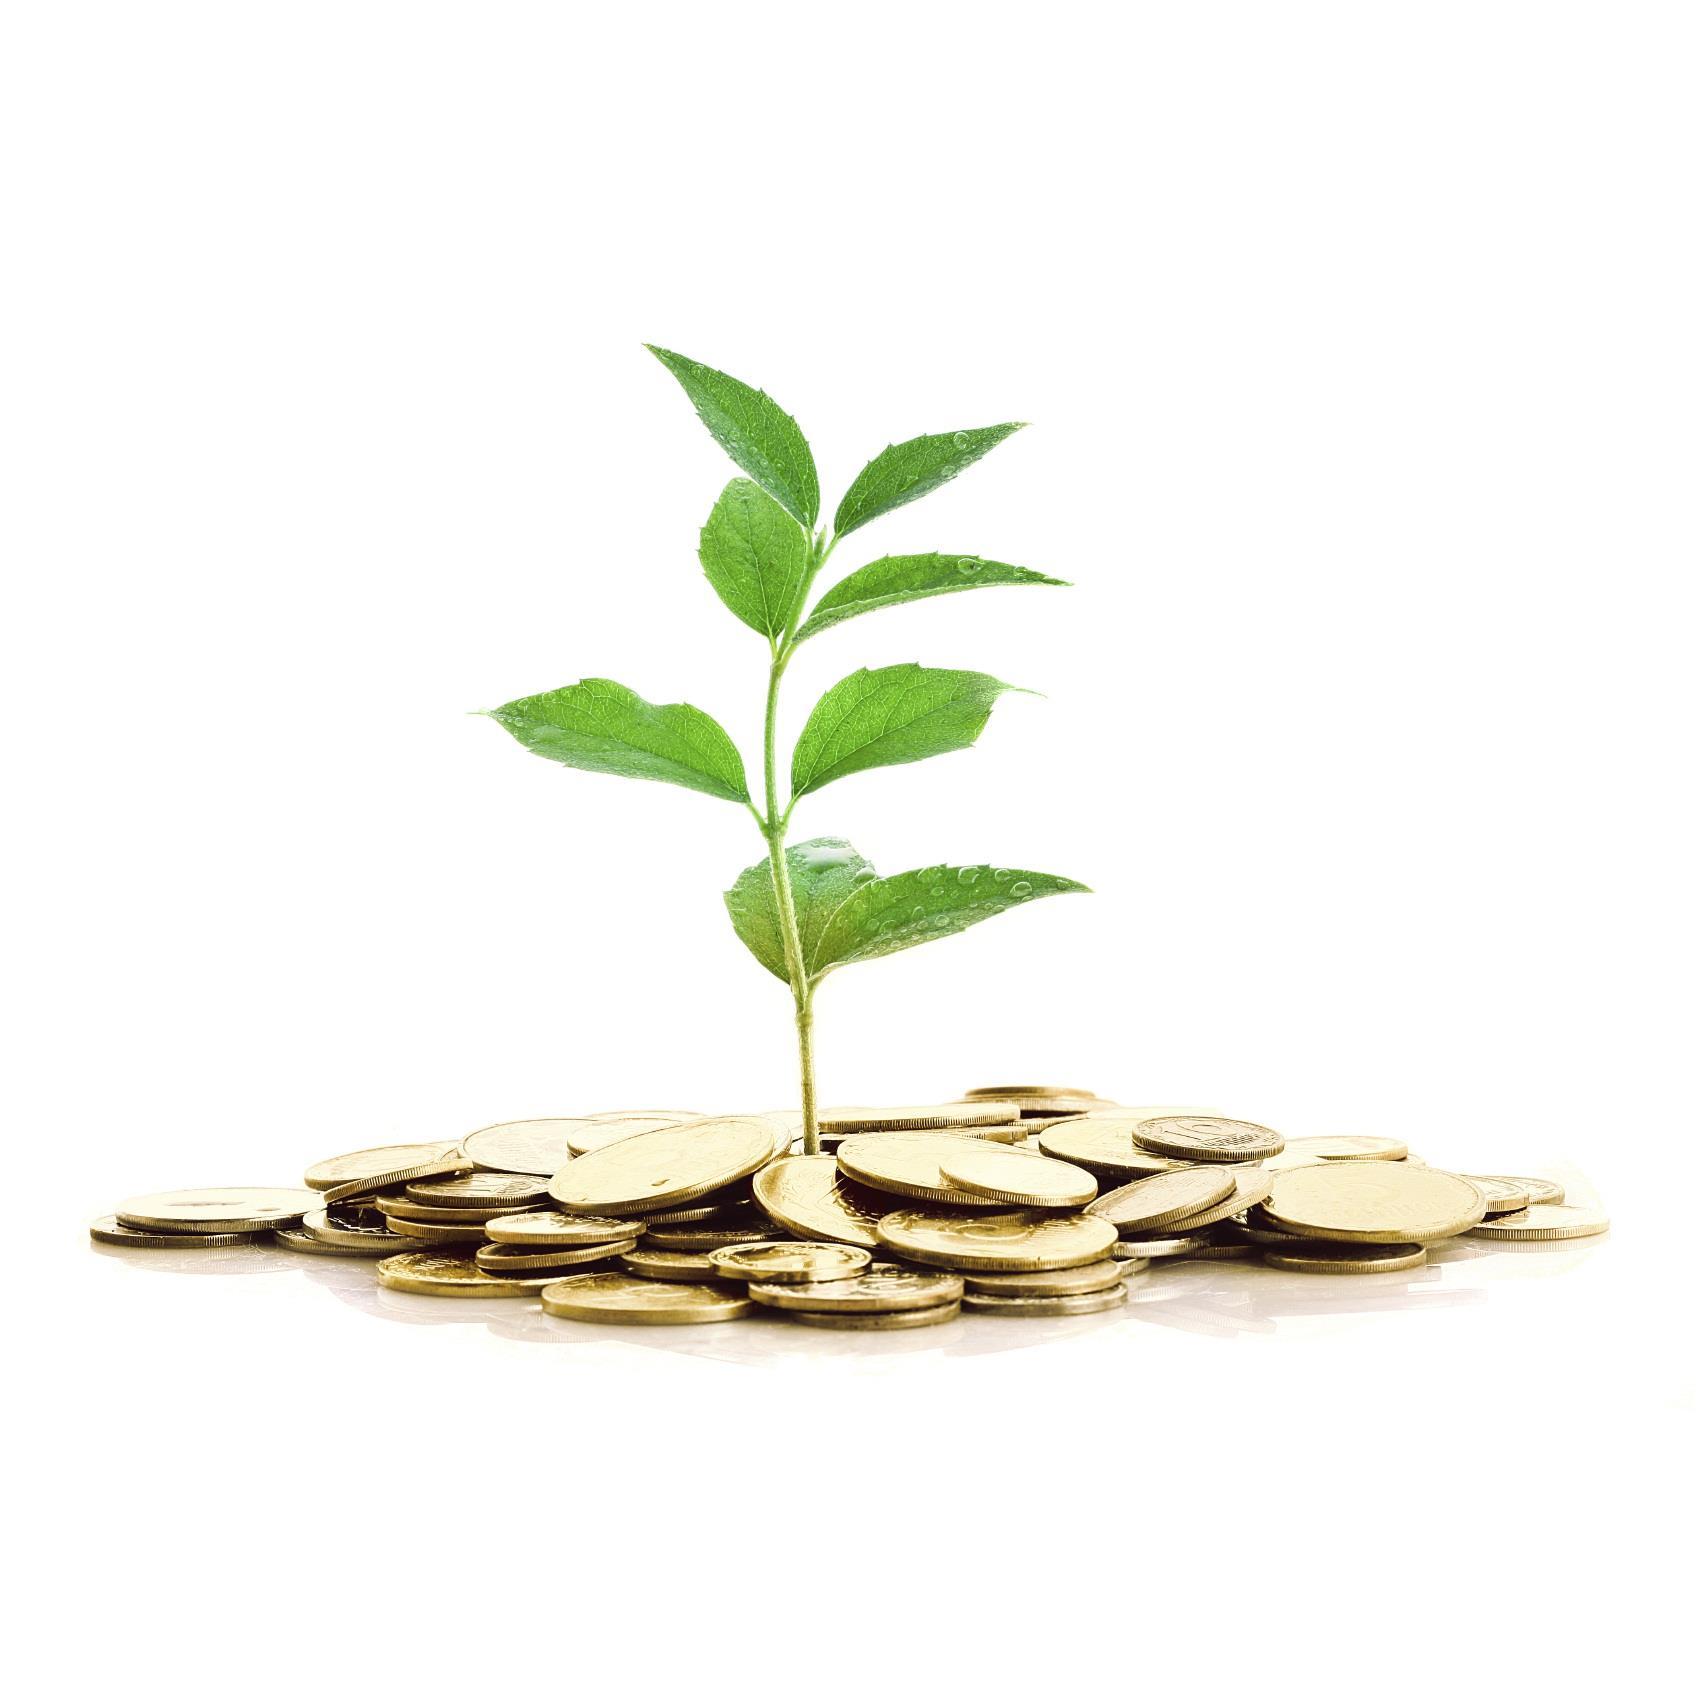 FUCTVGF1: Thông báo thay đổi giá trị tài sản ròng tuần từ 06/07/2018 đến 12/07/2018